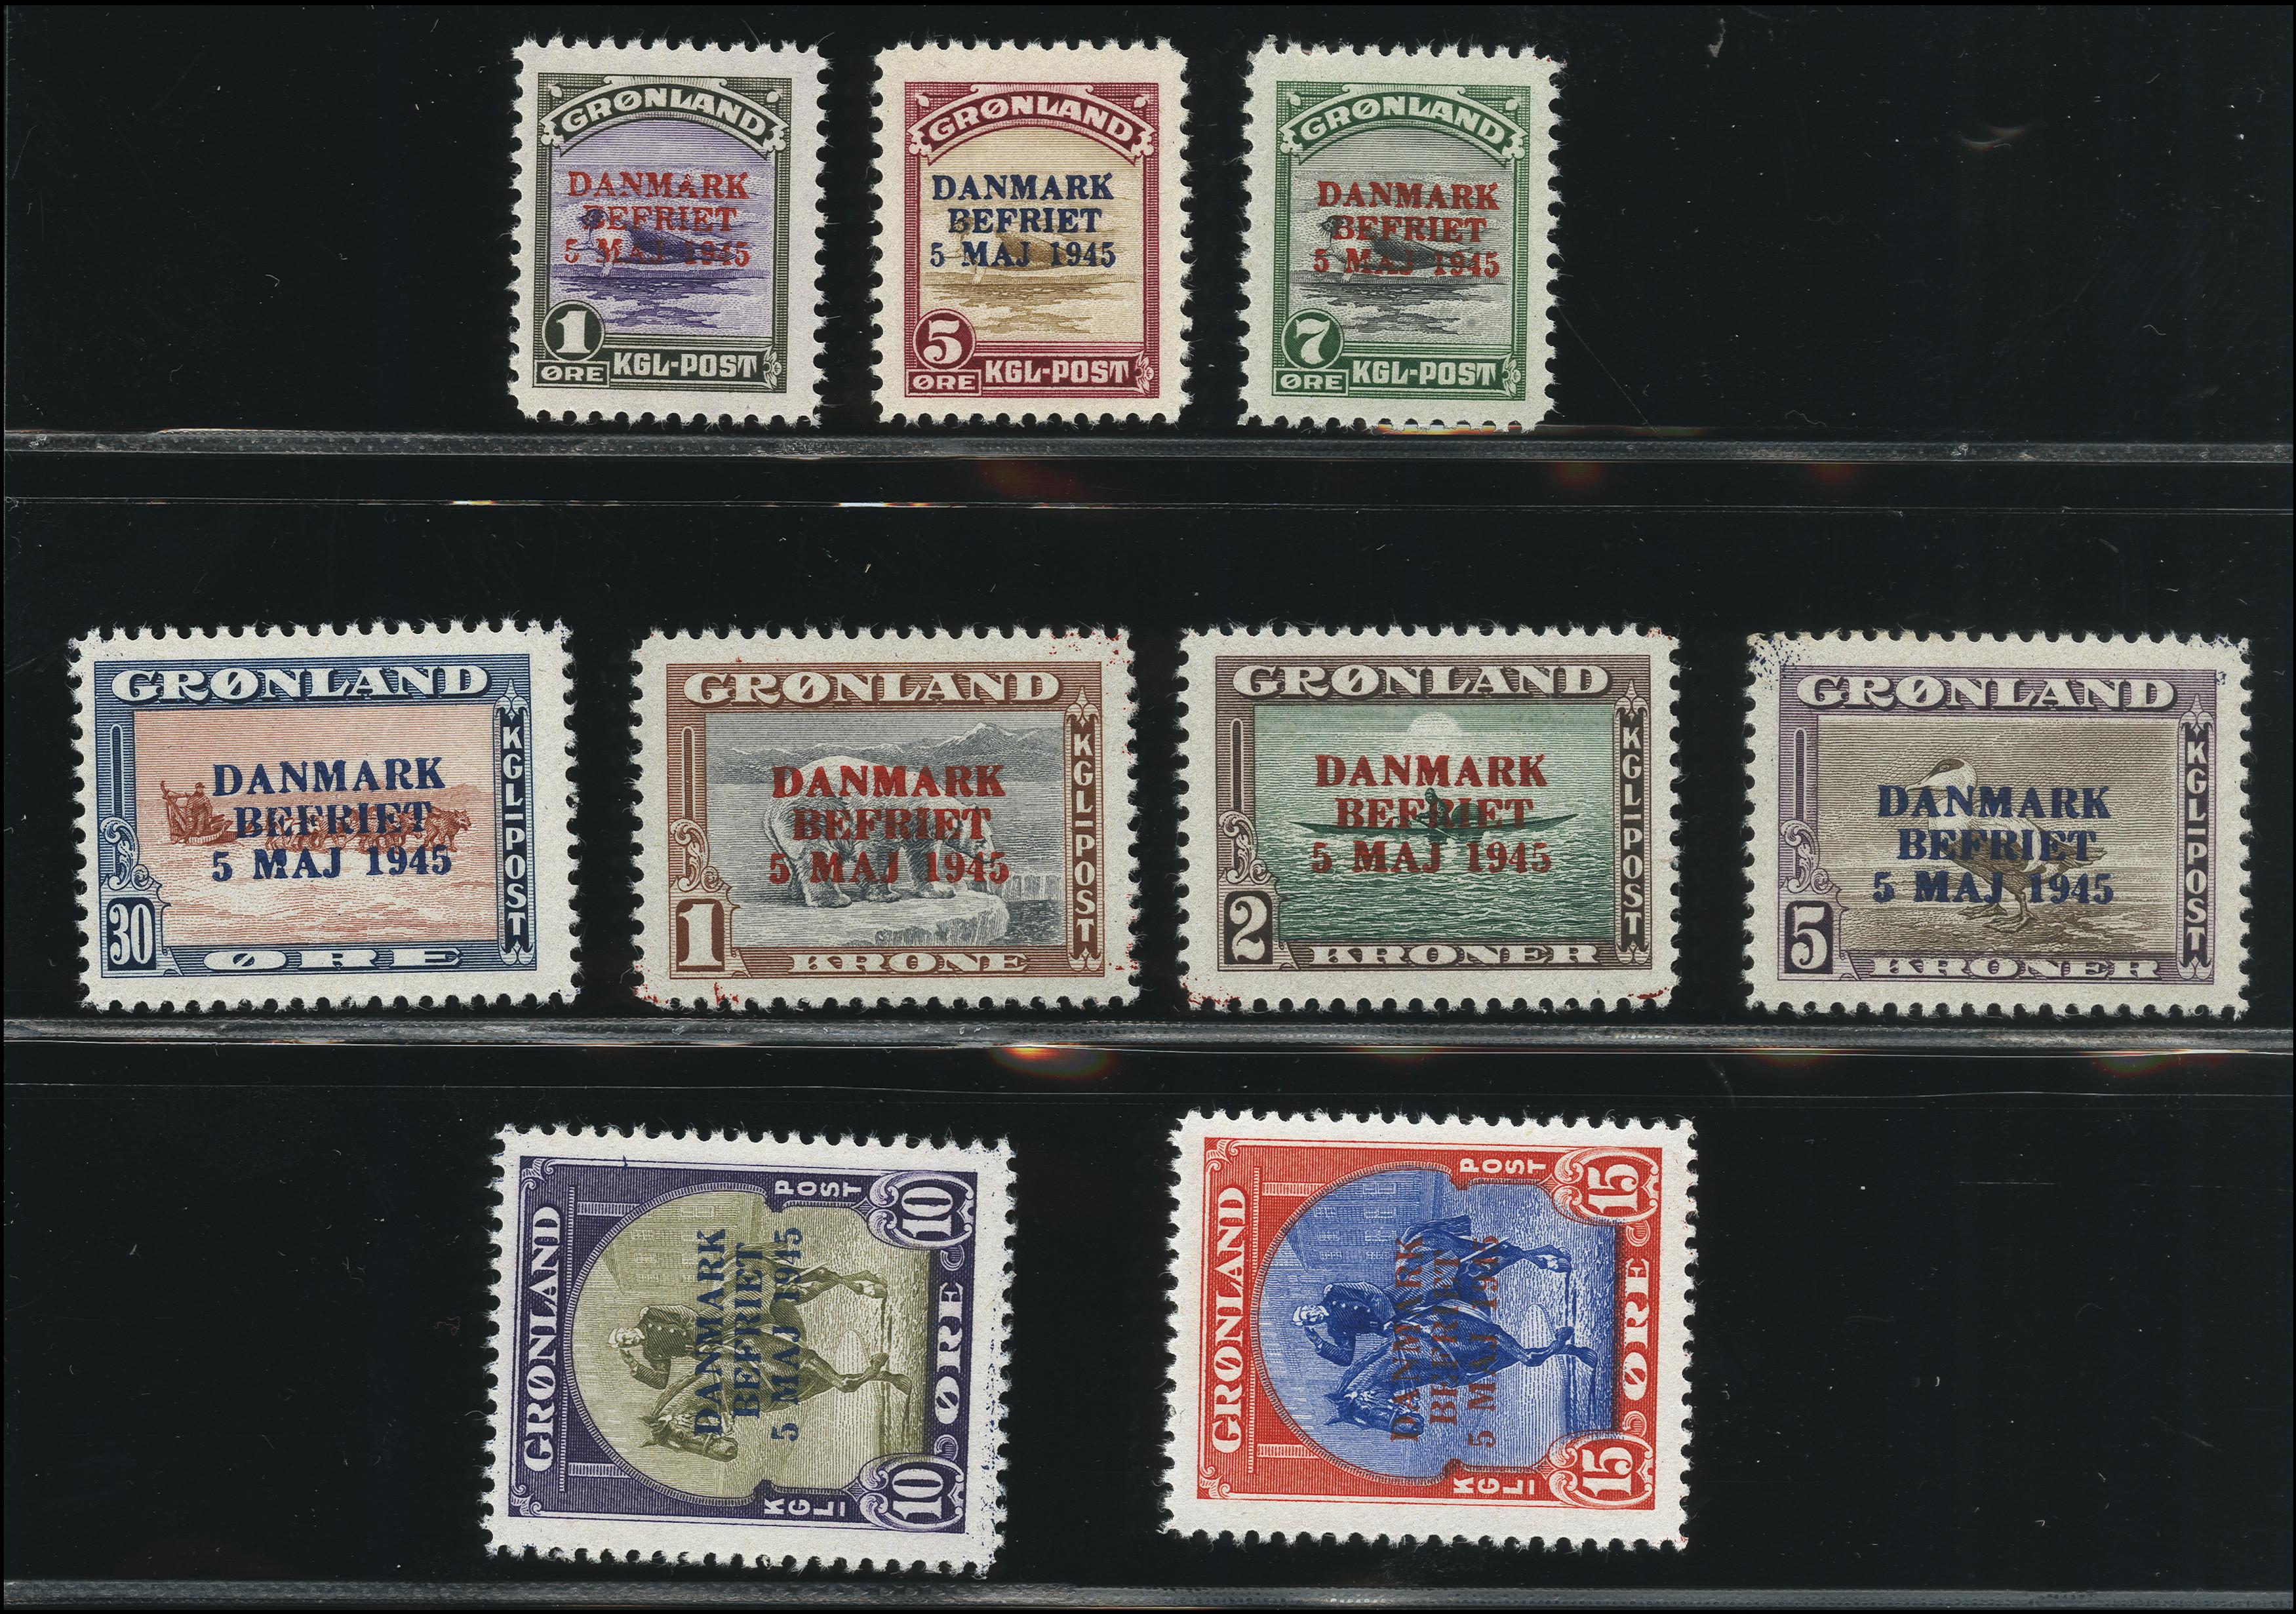 Lot 1136 - Greenland Greenland - Danish Post -  Heinrich Koehler Auktionen Heinrich Köhler Auction 376 - Day 1